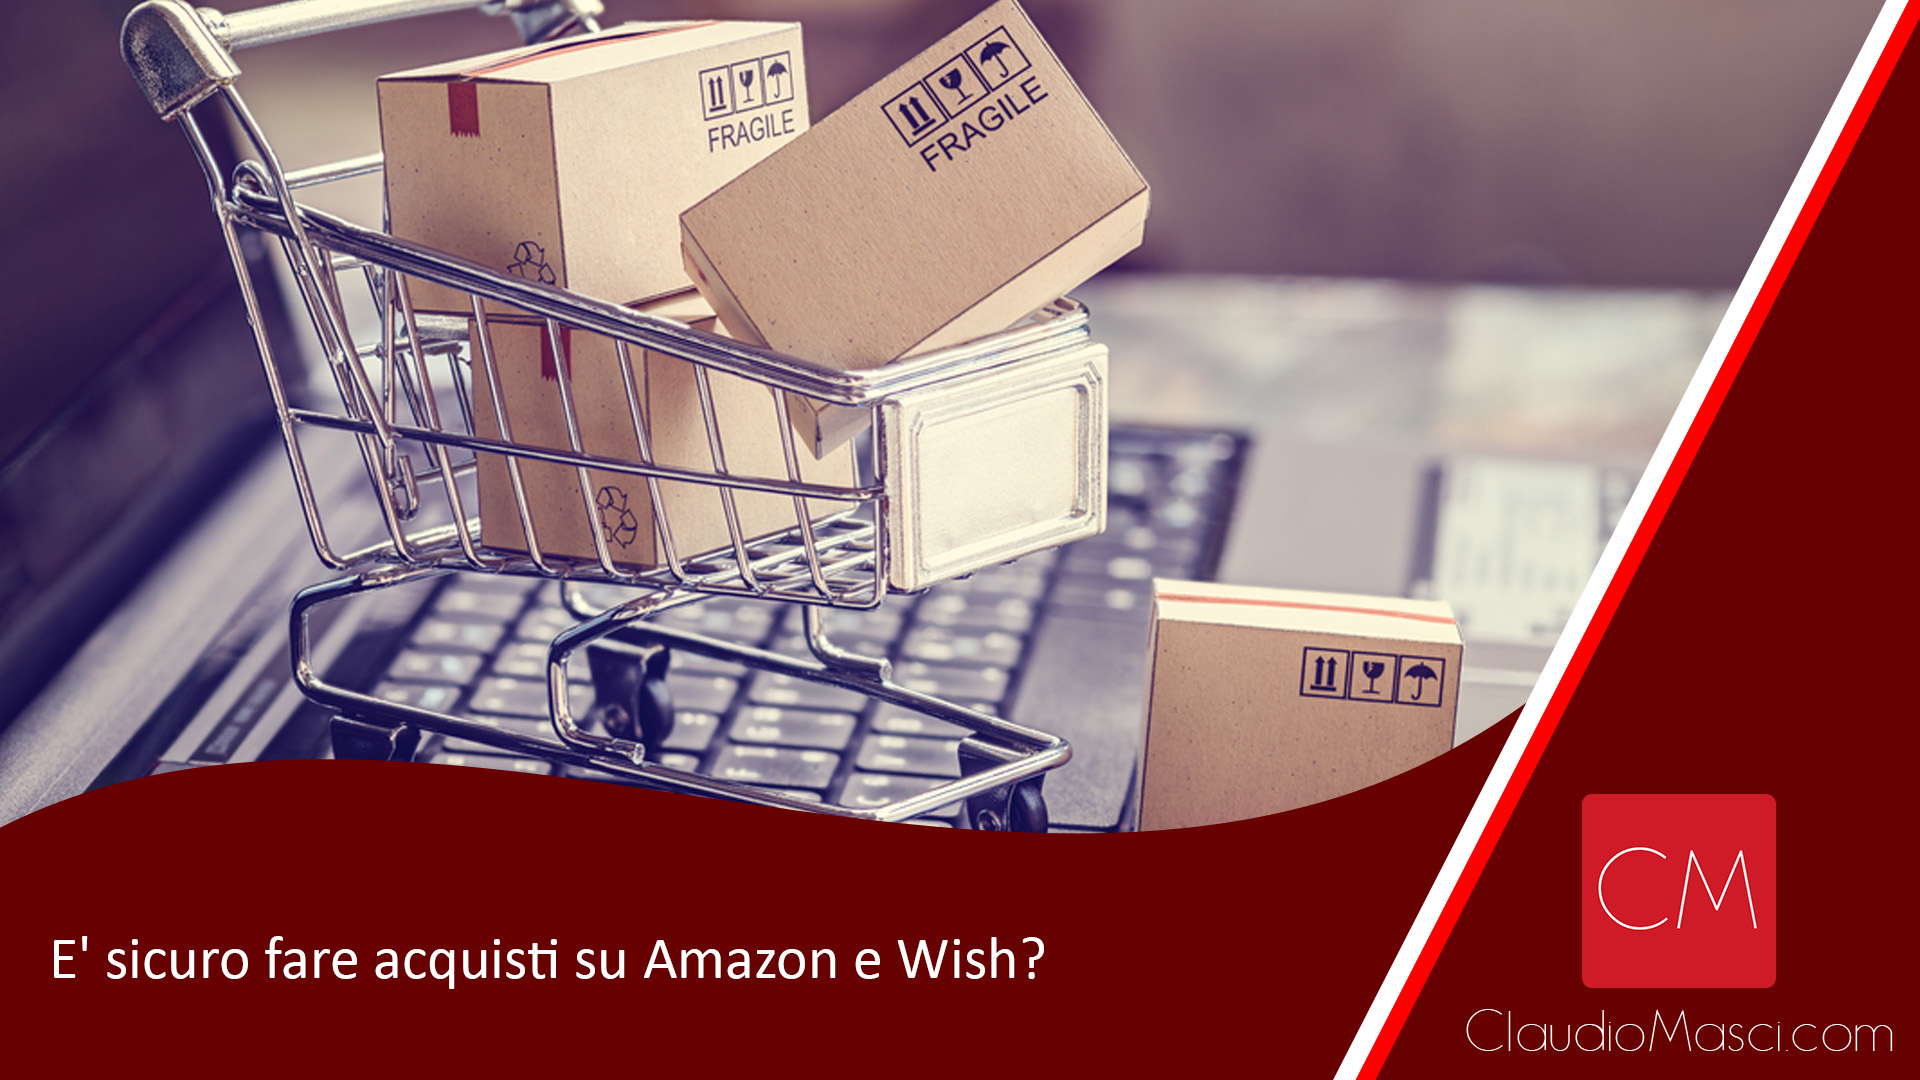 E' sicuro fare acquisti su Amazon e Wish?